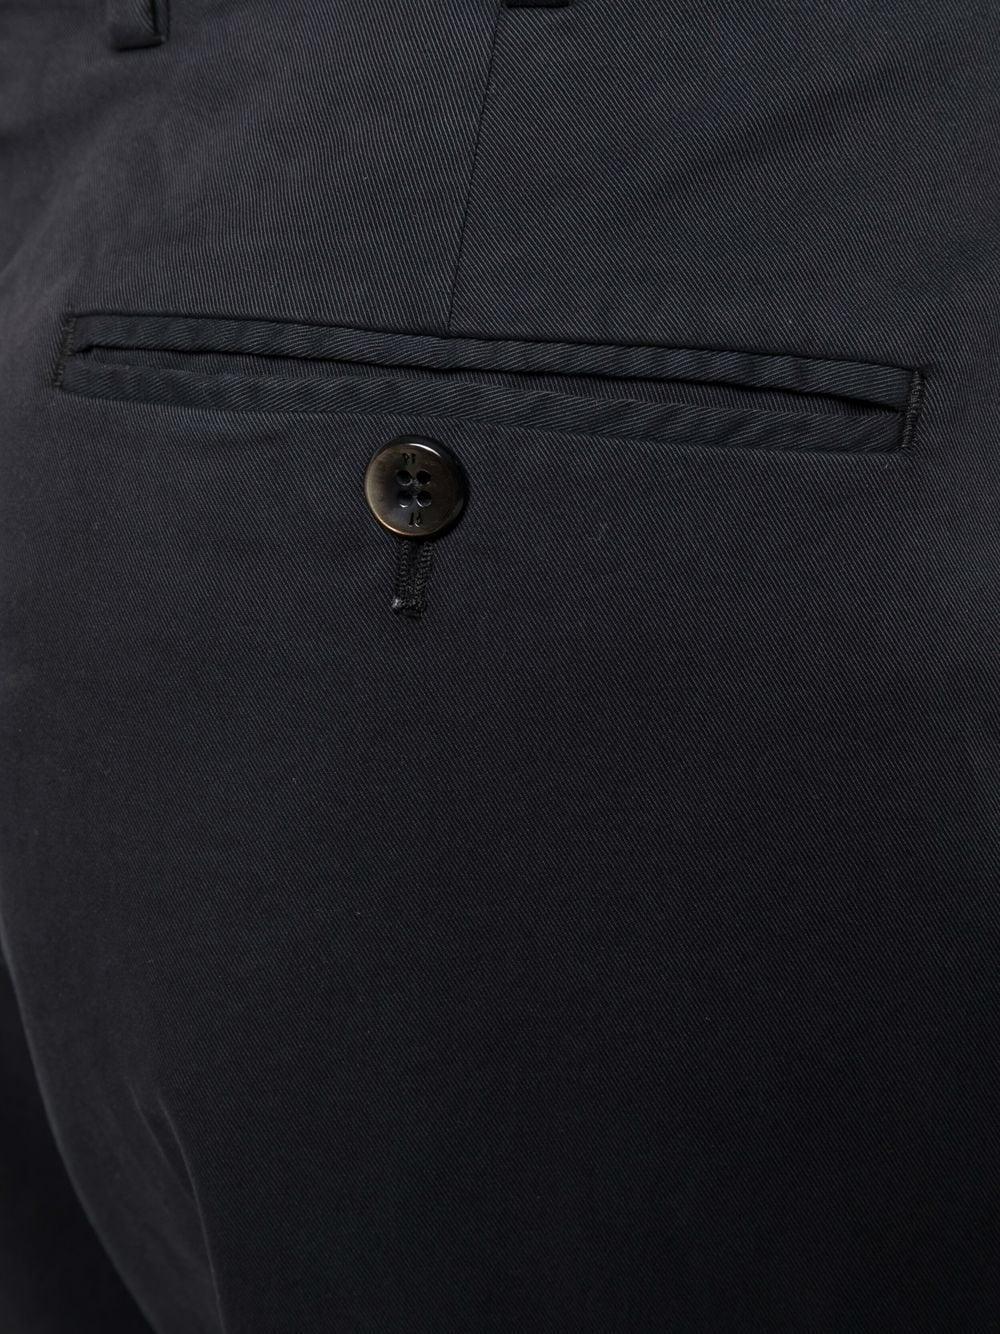 pantalone sartoriale cropped in cotone nero PT01   Pantaloni   CPRTZ0Z00PRI-NK030990